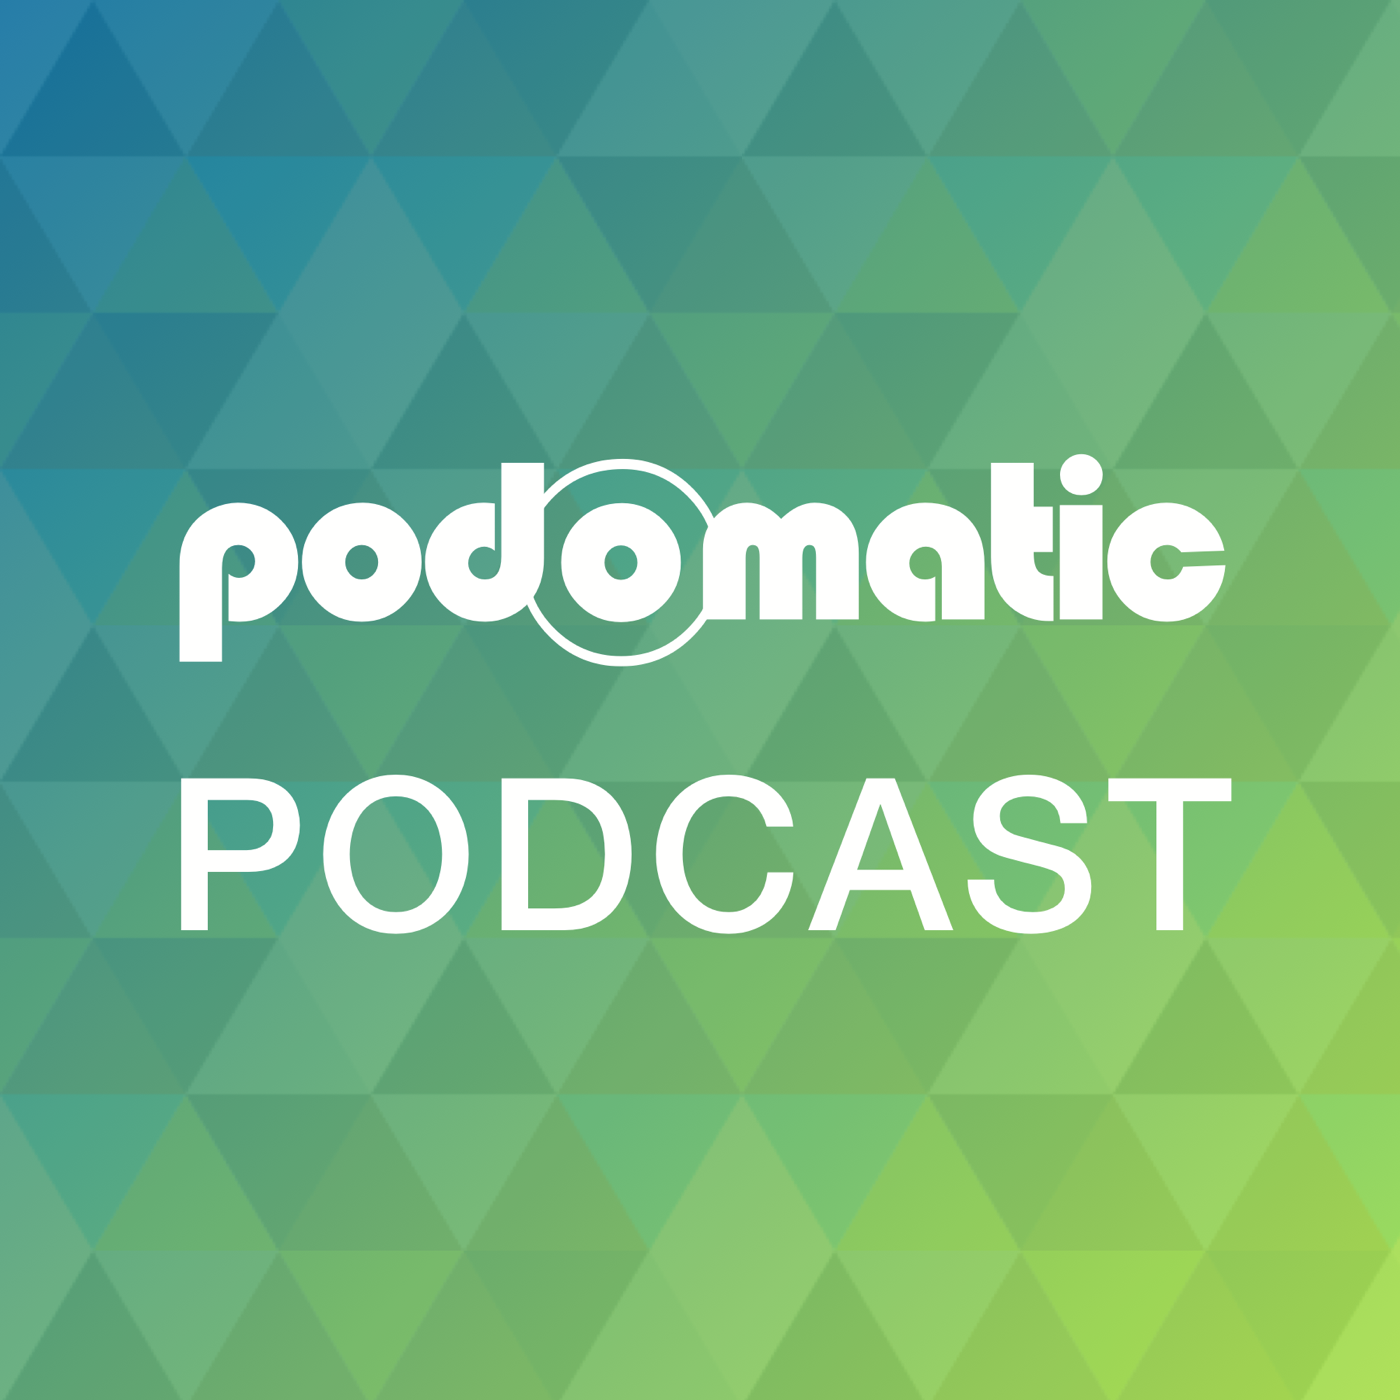 docent malczak's Podcast